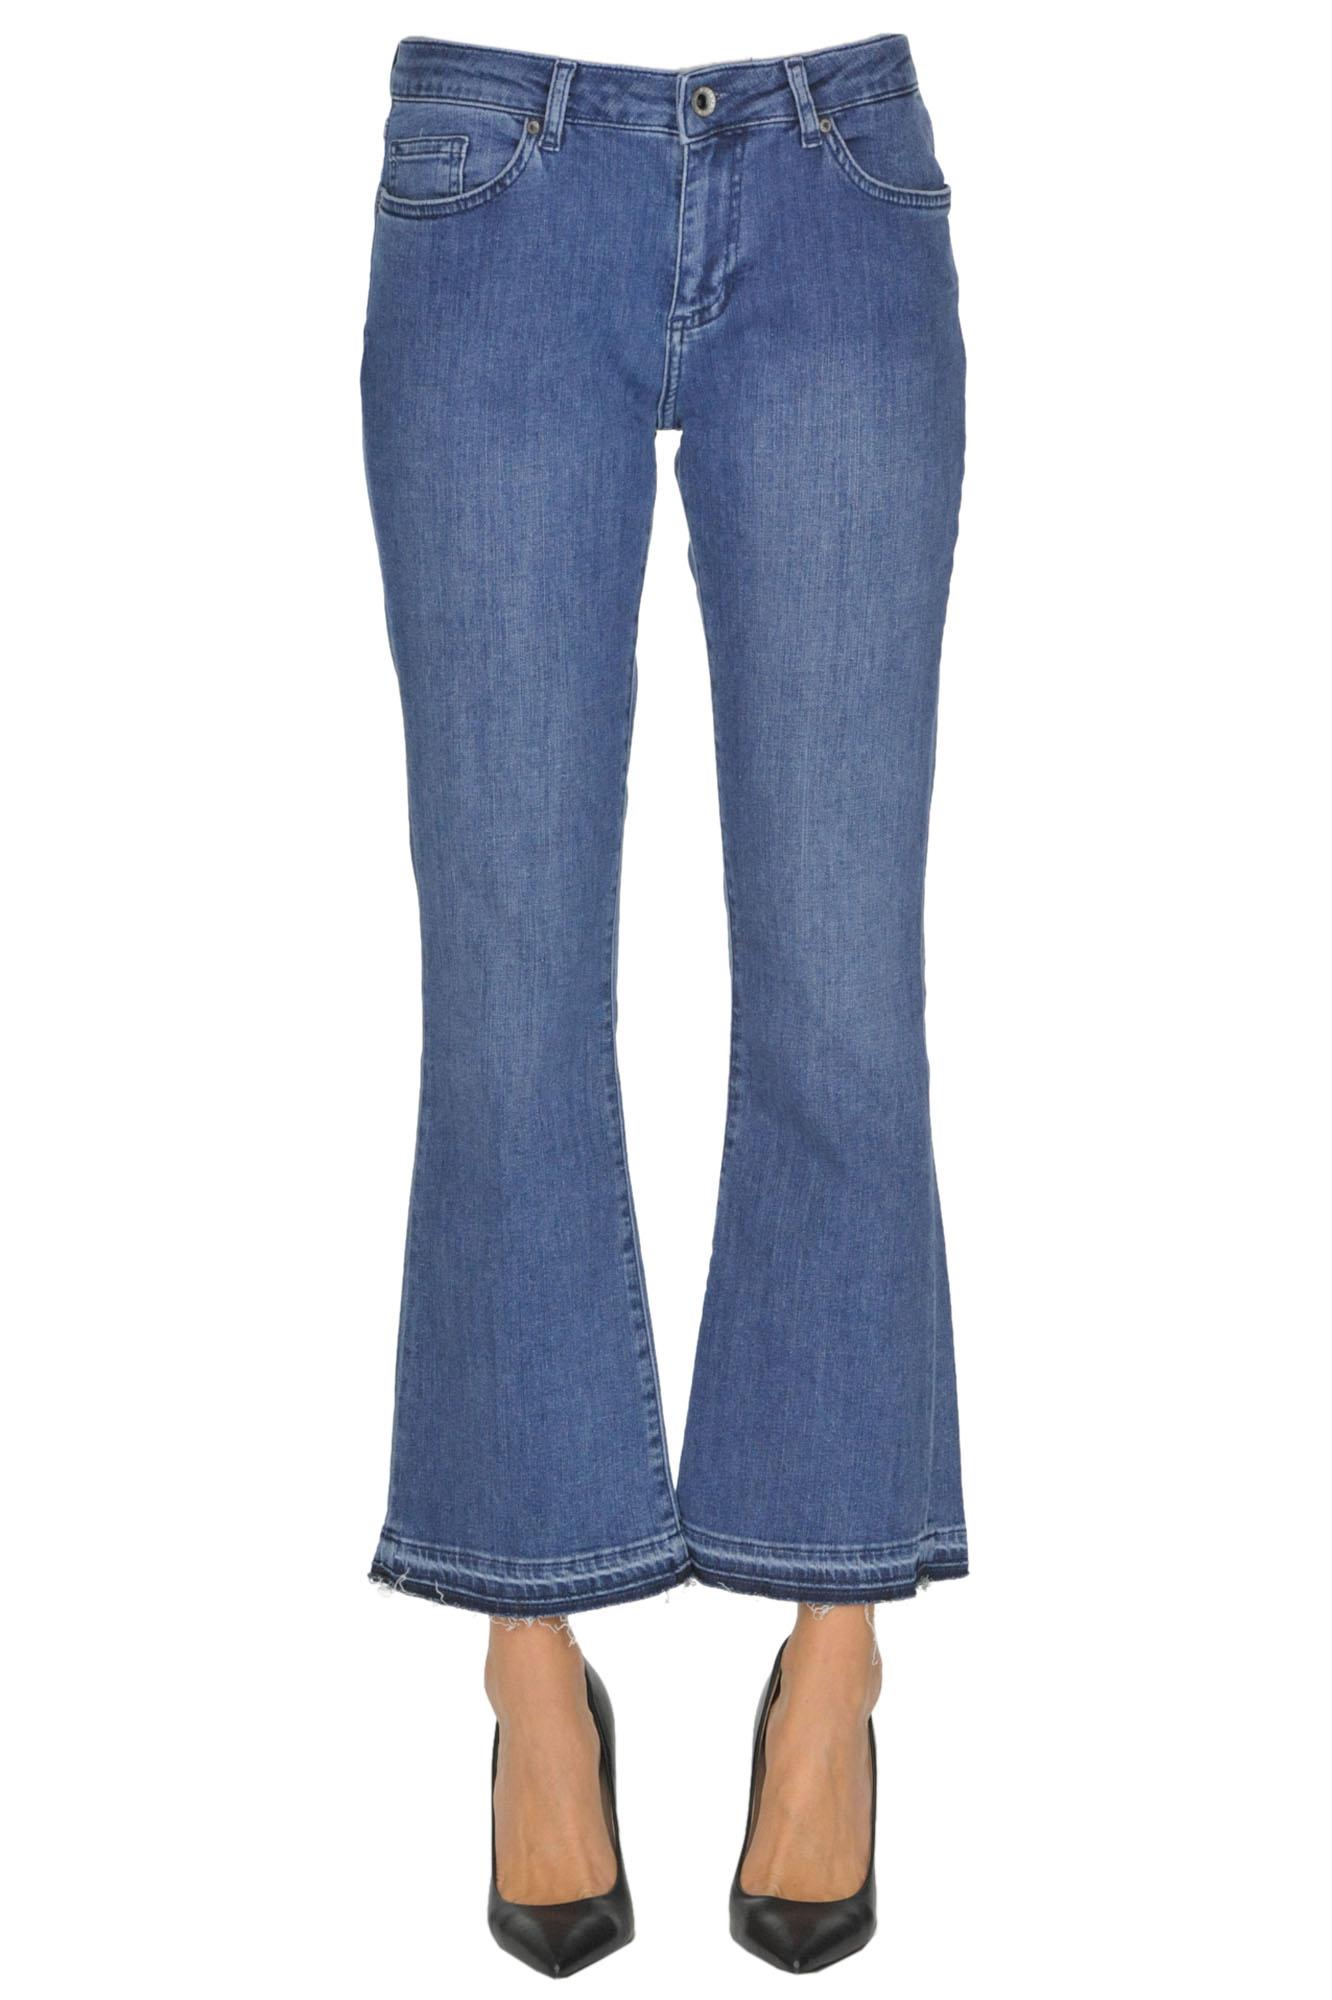 star-monique-jeans-supplies-the-assholes-outta